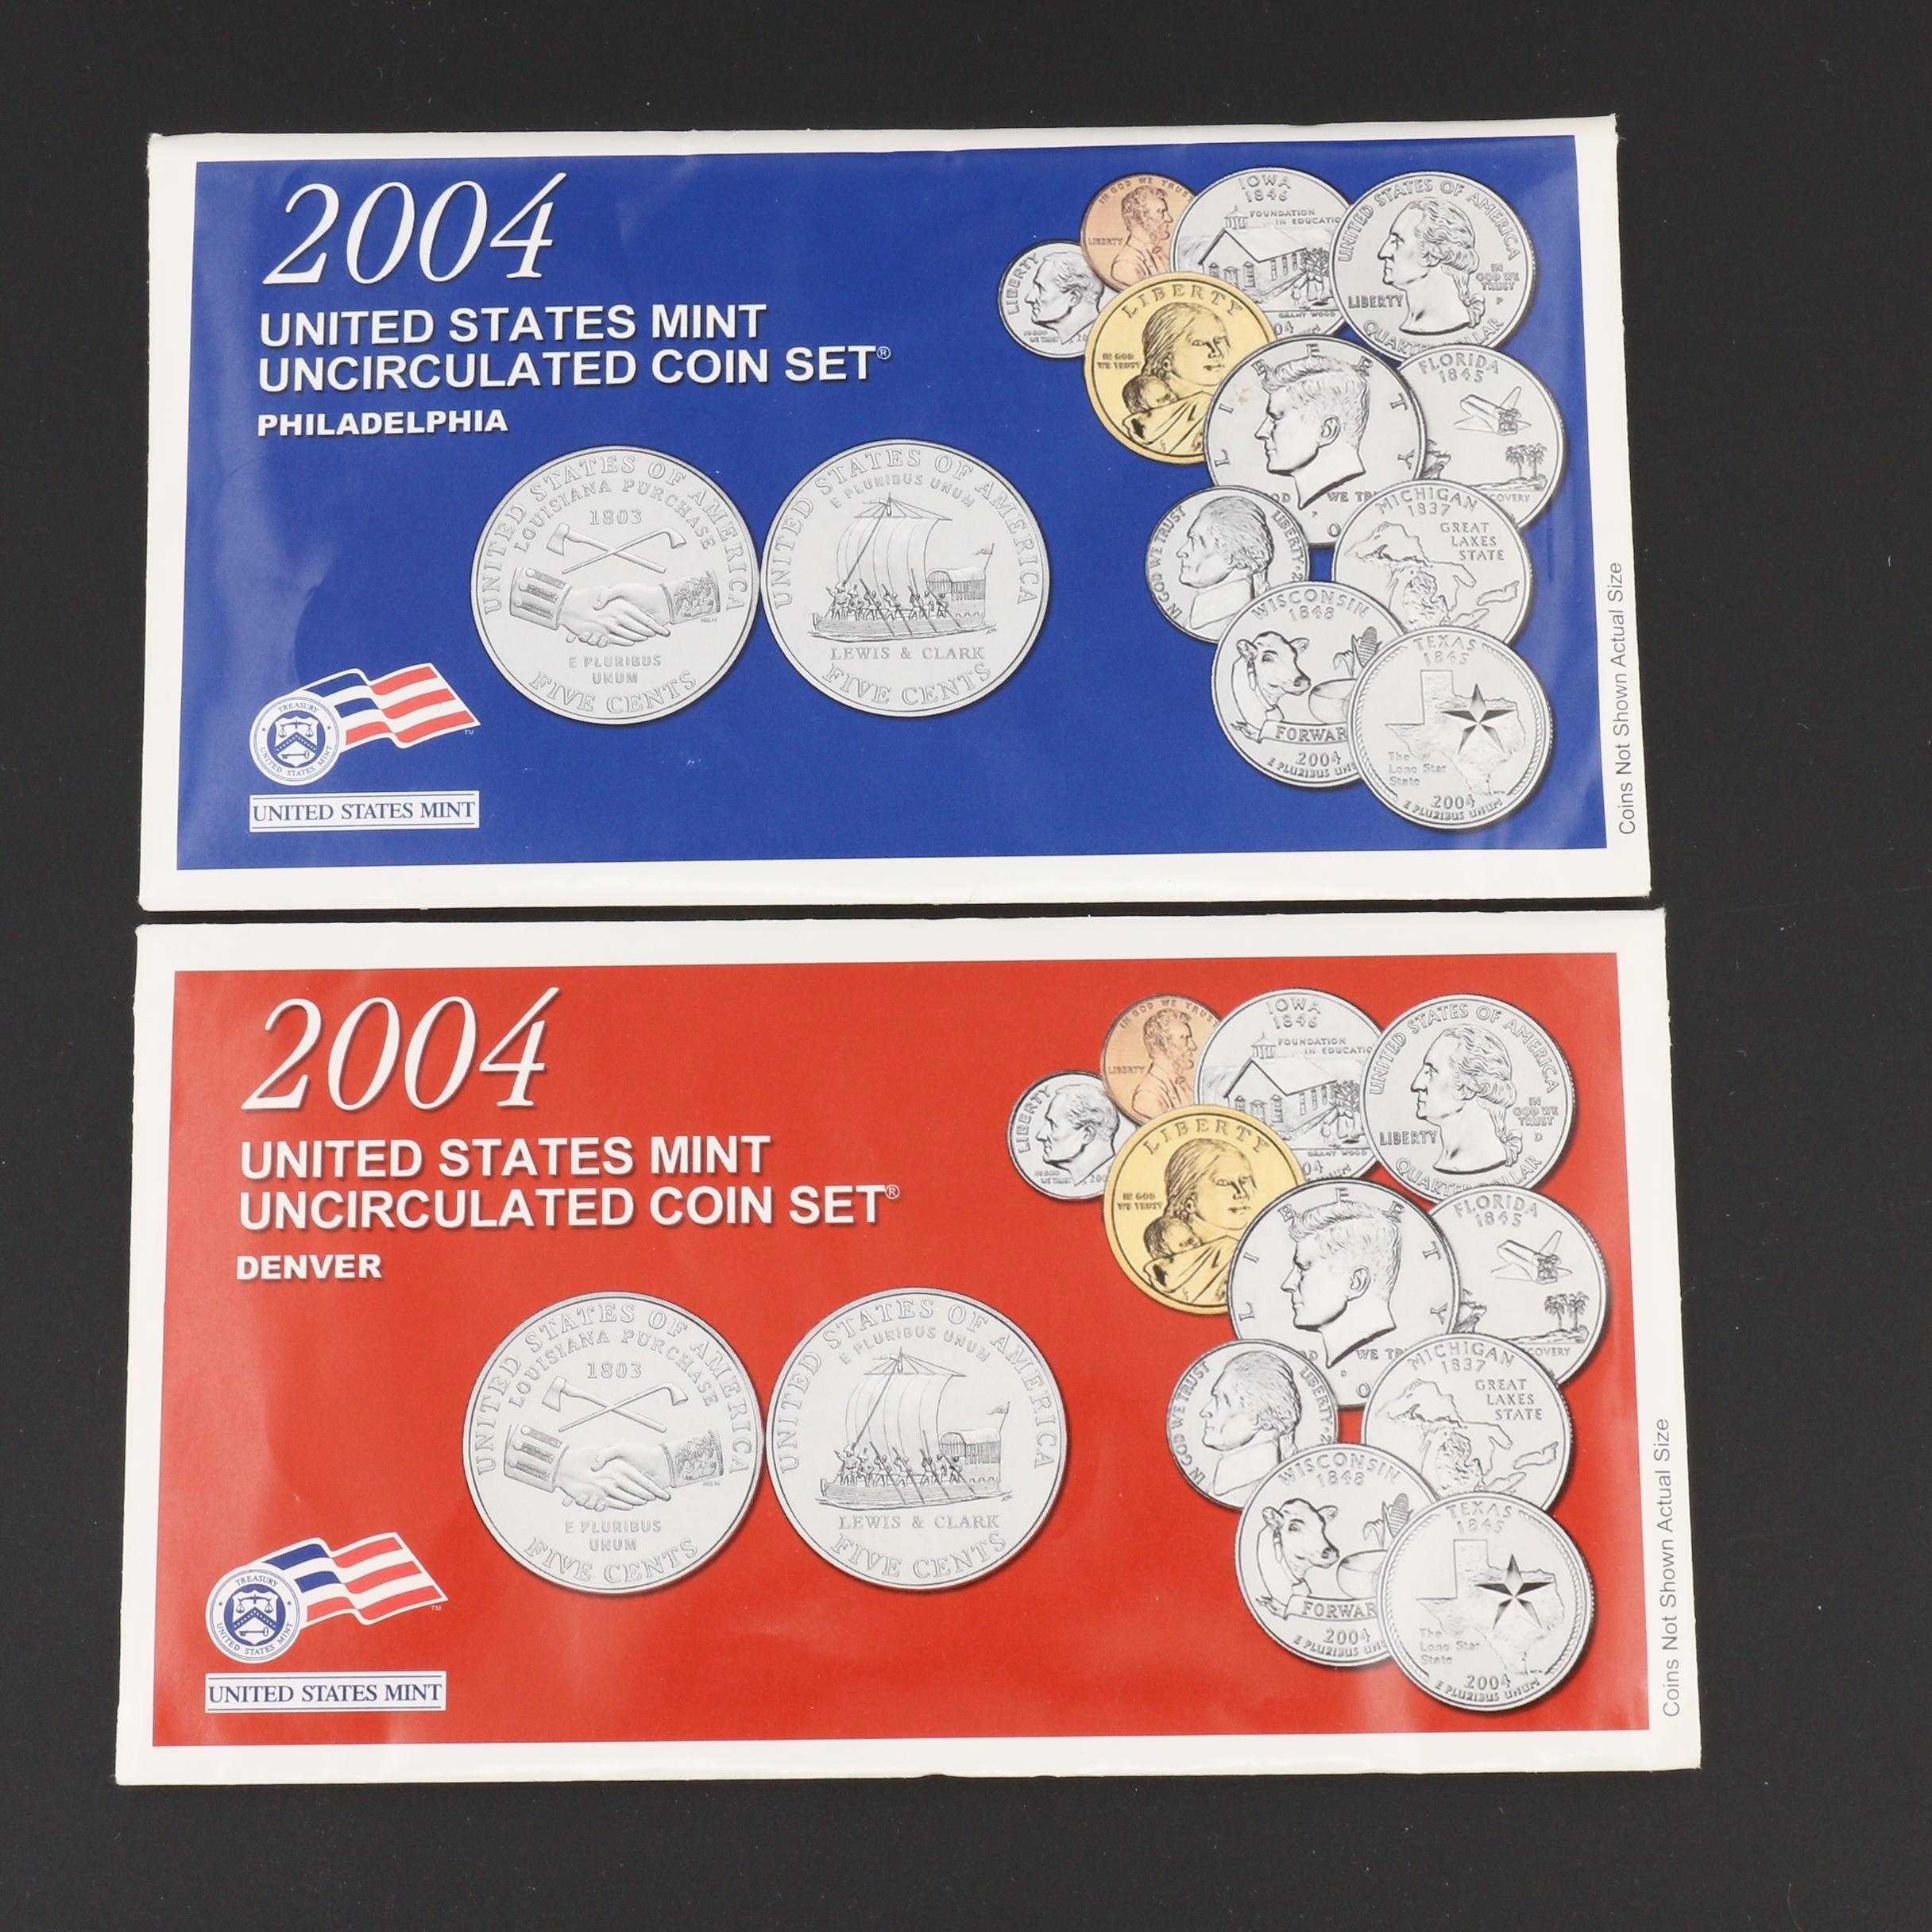 2004 U.S. Mint Uncirculated Set